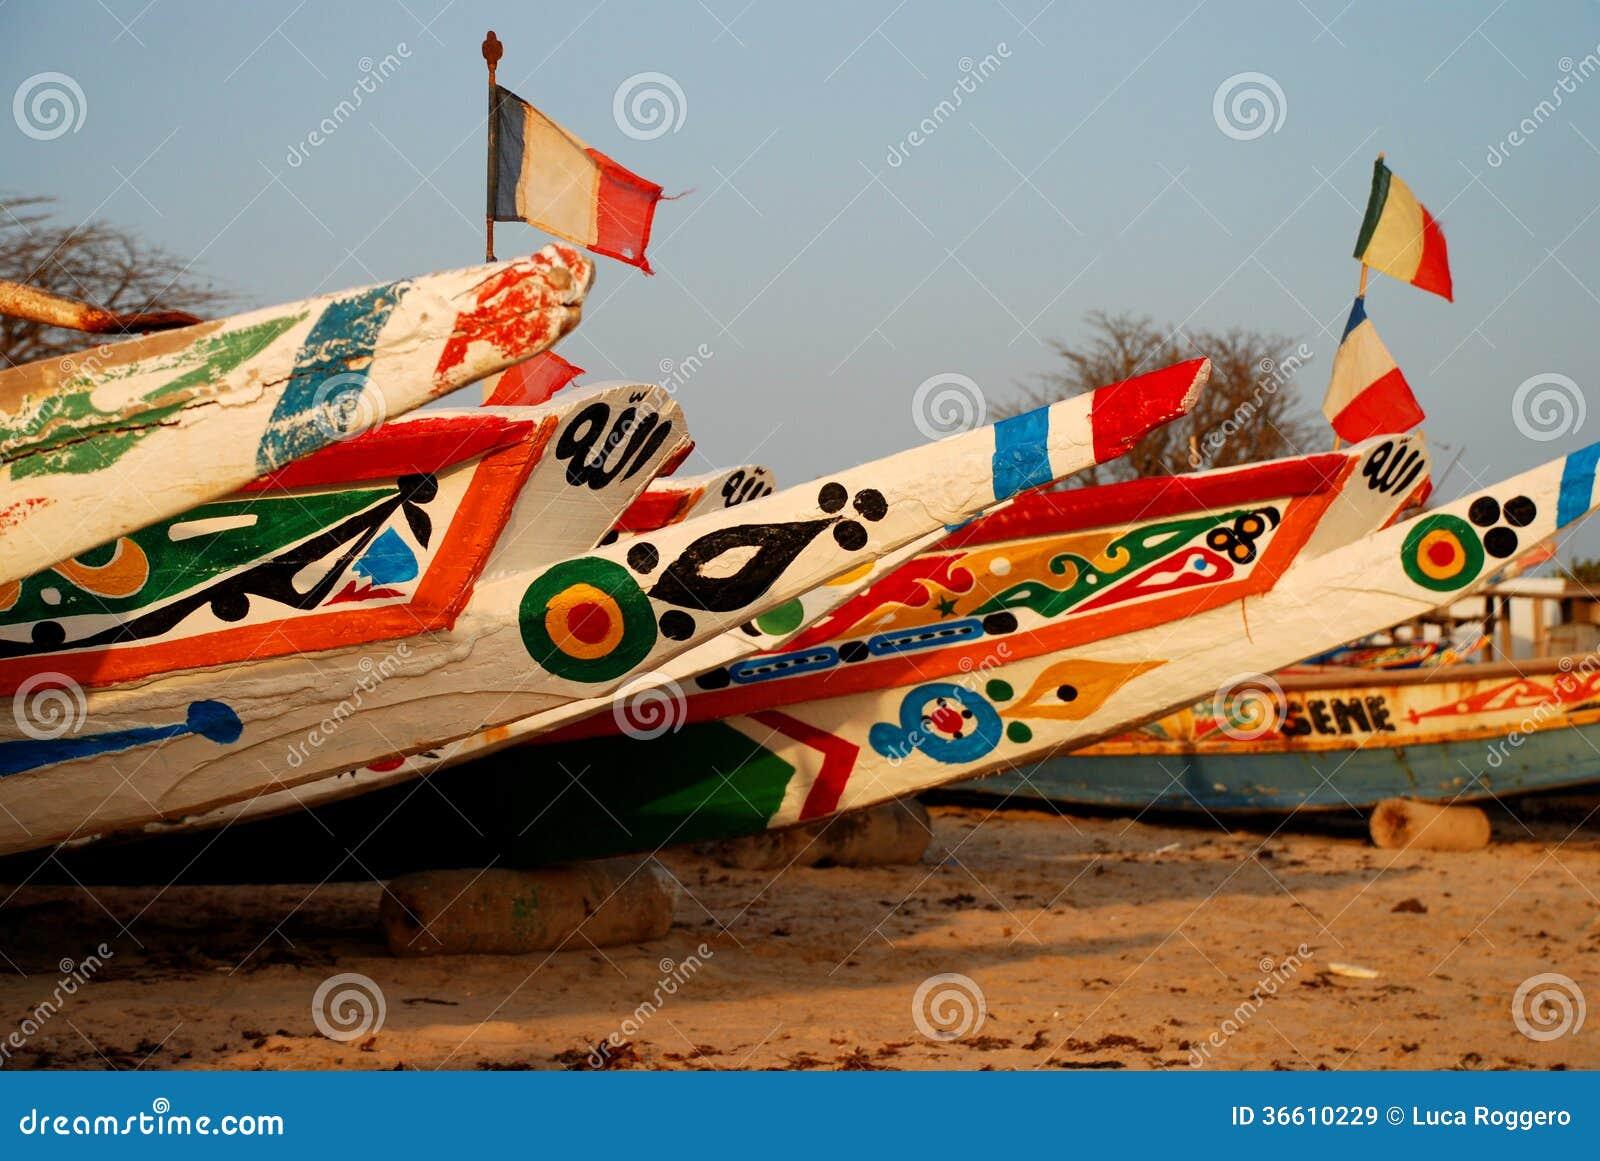 Bateaux de pêche. Saly, Sénégal